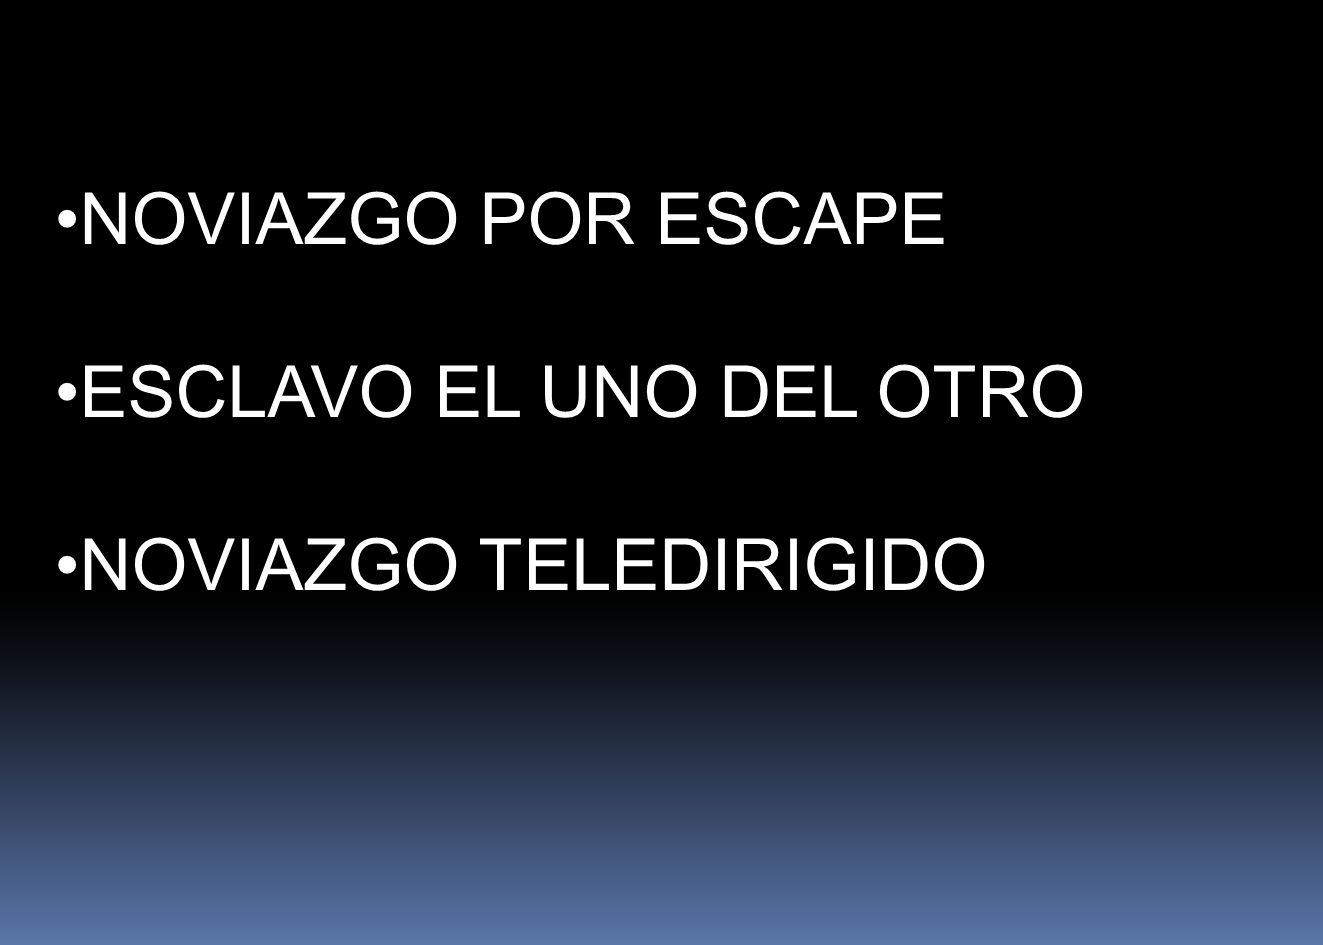 NOVIAZGO POR ESCAPE ESCLAVO EL UNO DEL OTRO NOVIAZGO TELEDIRIGIDO